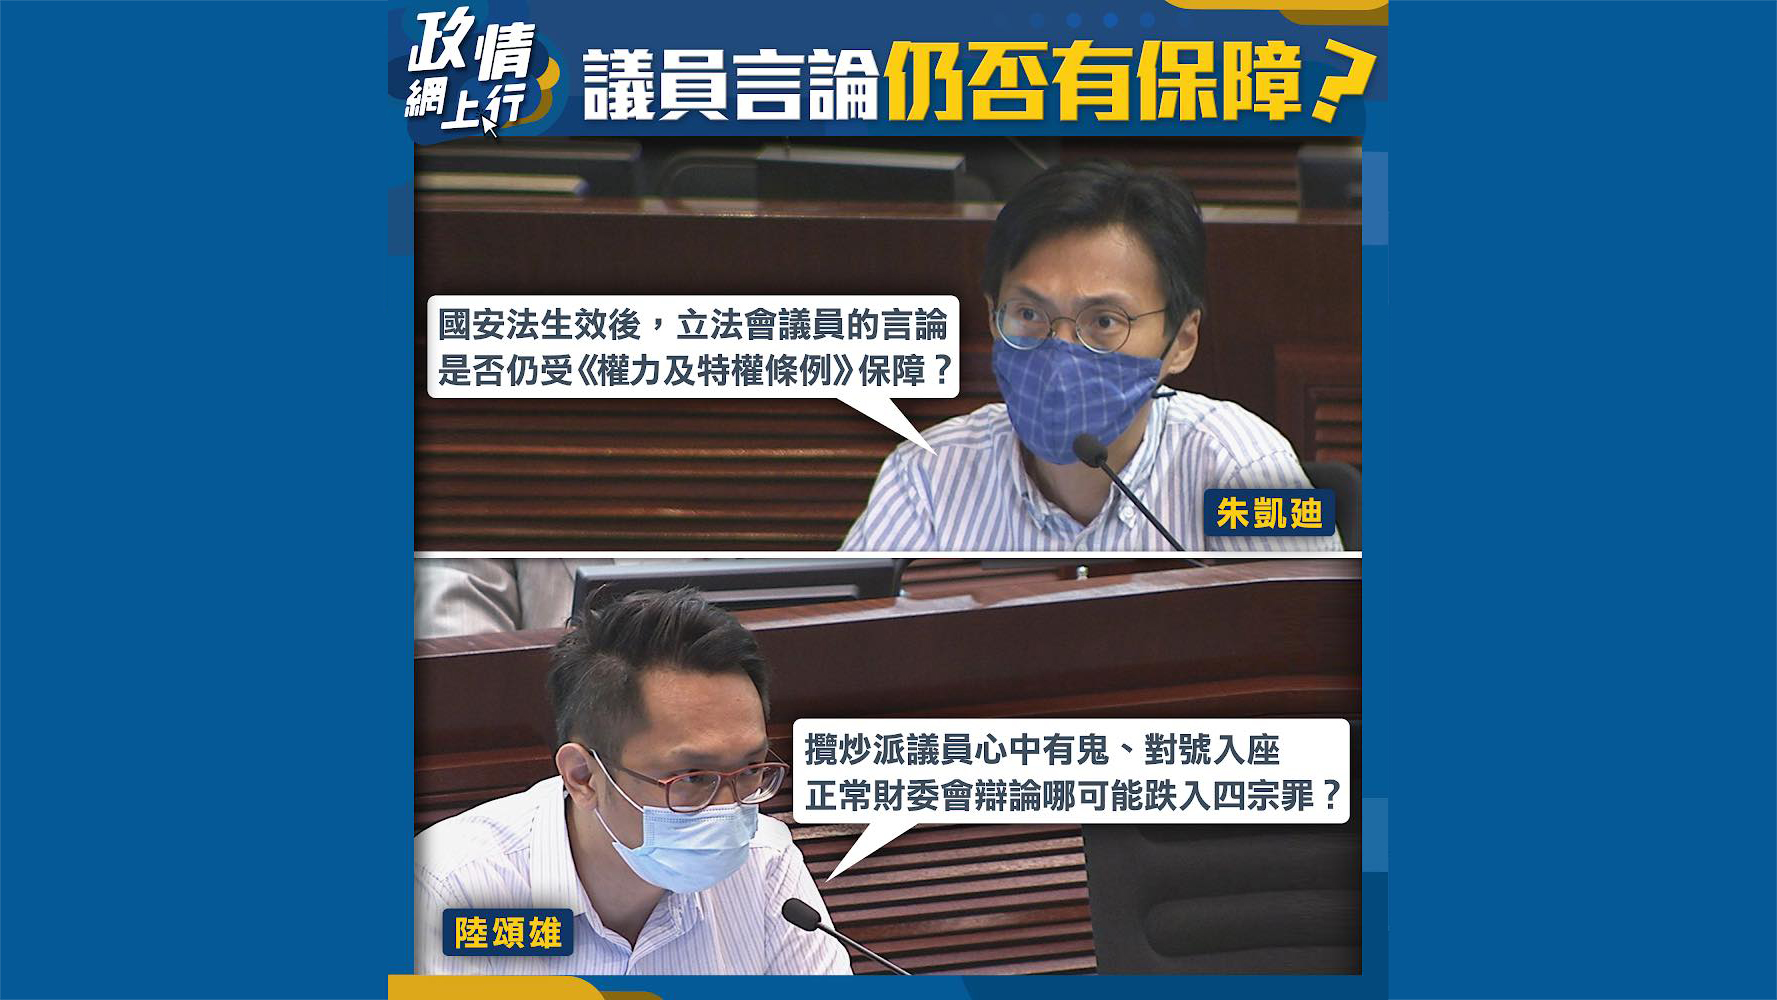 【政情網上行】議員言論仍否有保障?